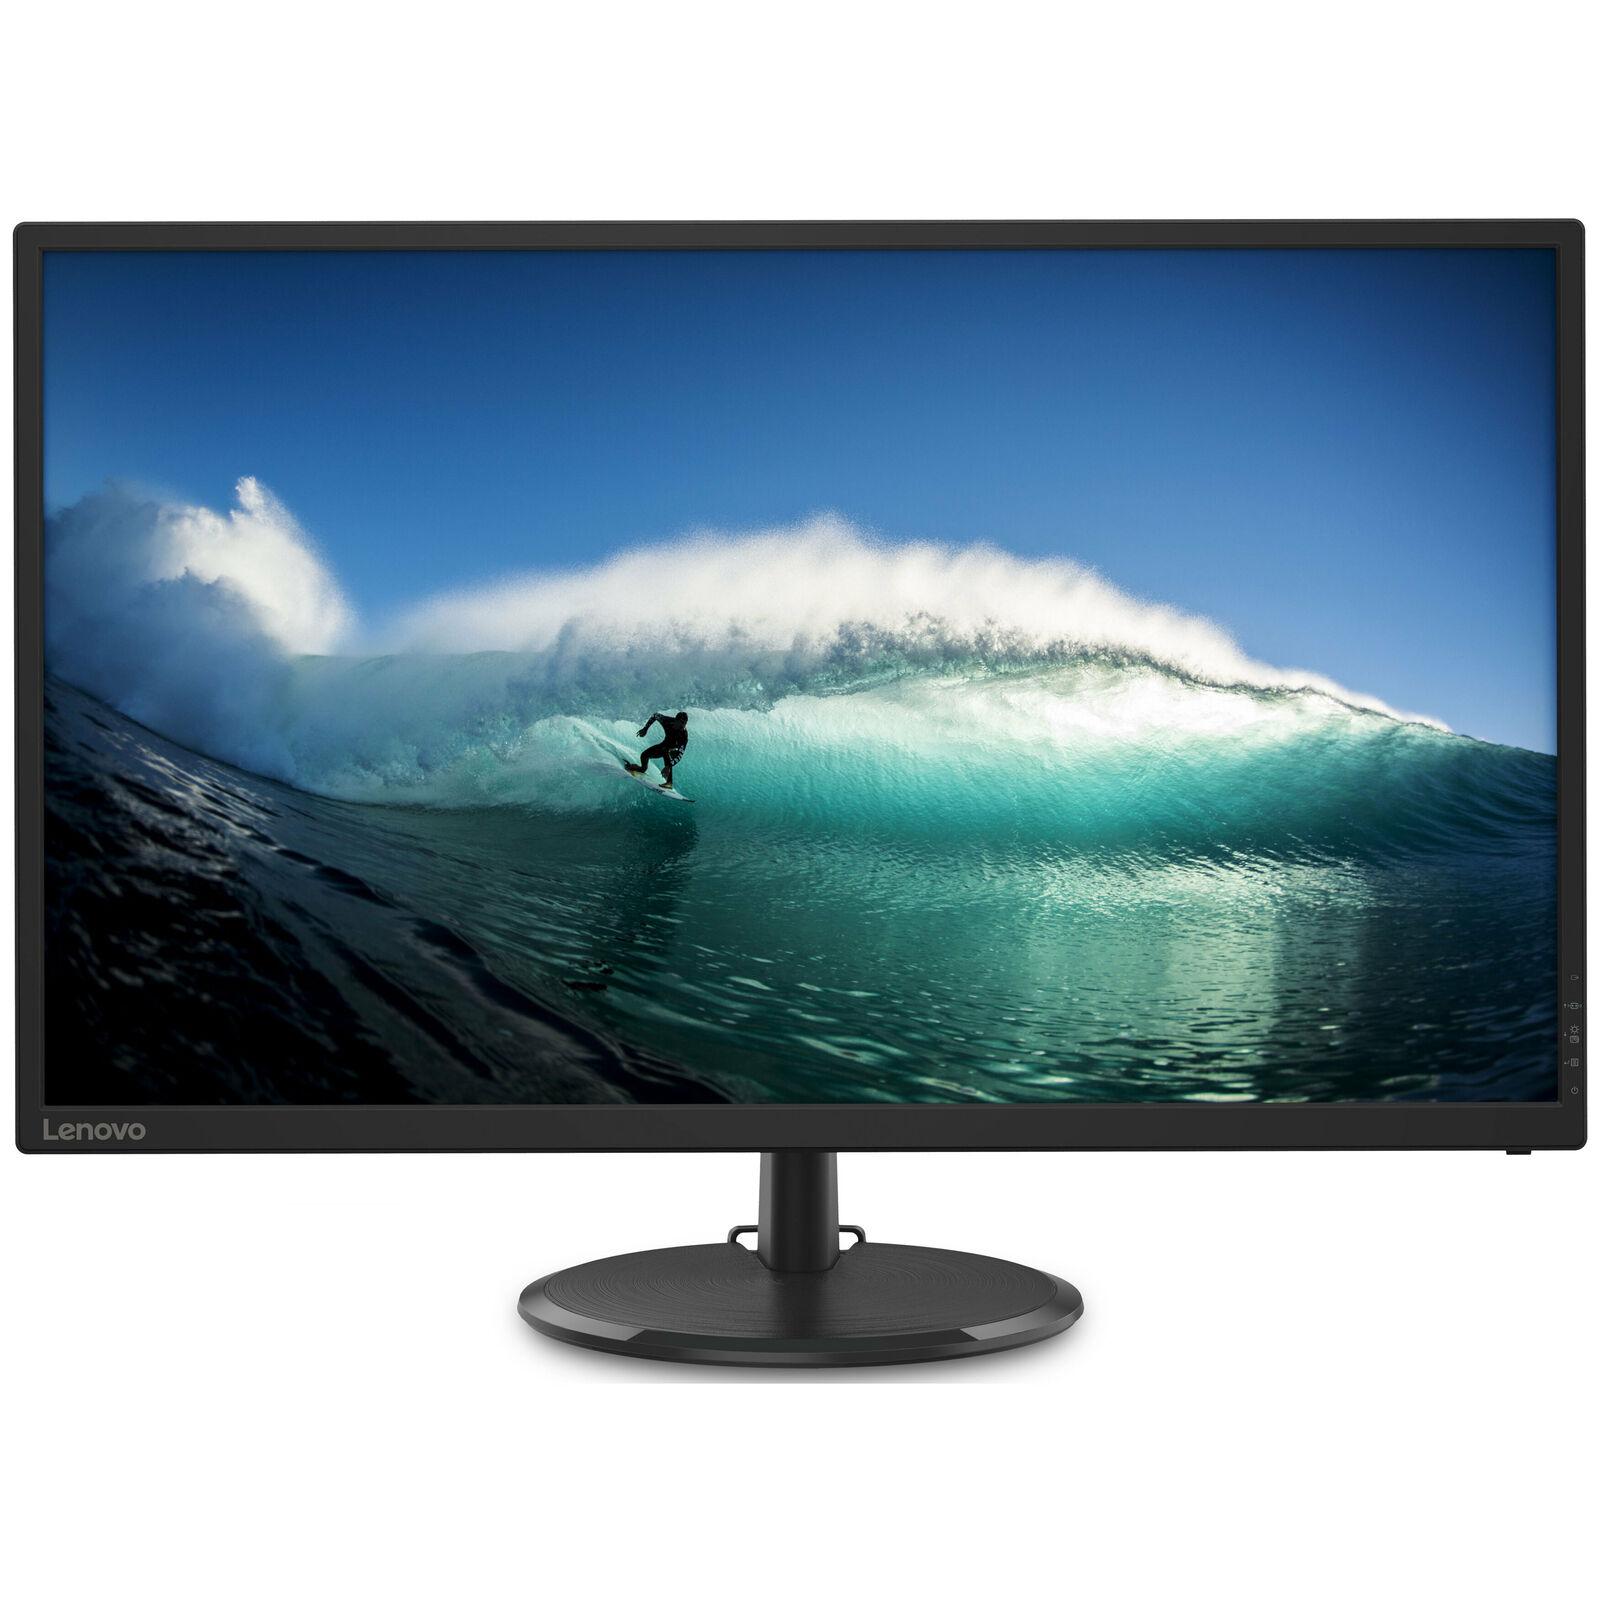 Monitor Lenovo C32q-20 32 Zoll zum Spitzenpreis bei NBB Ebay